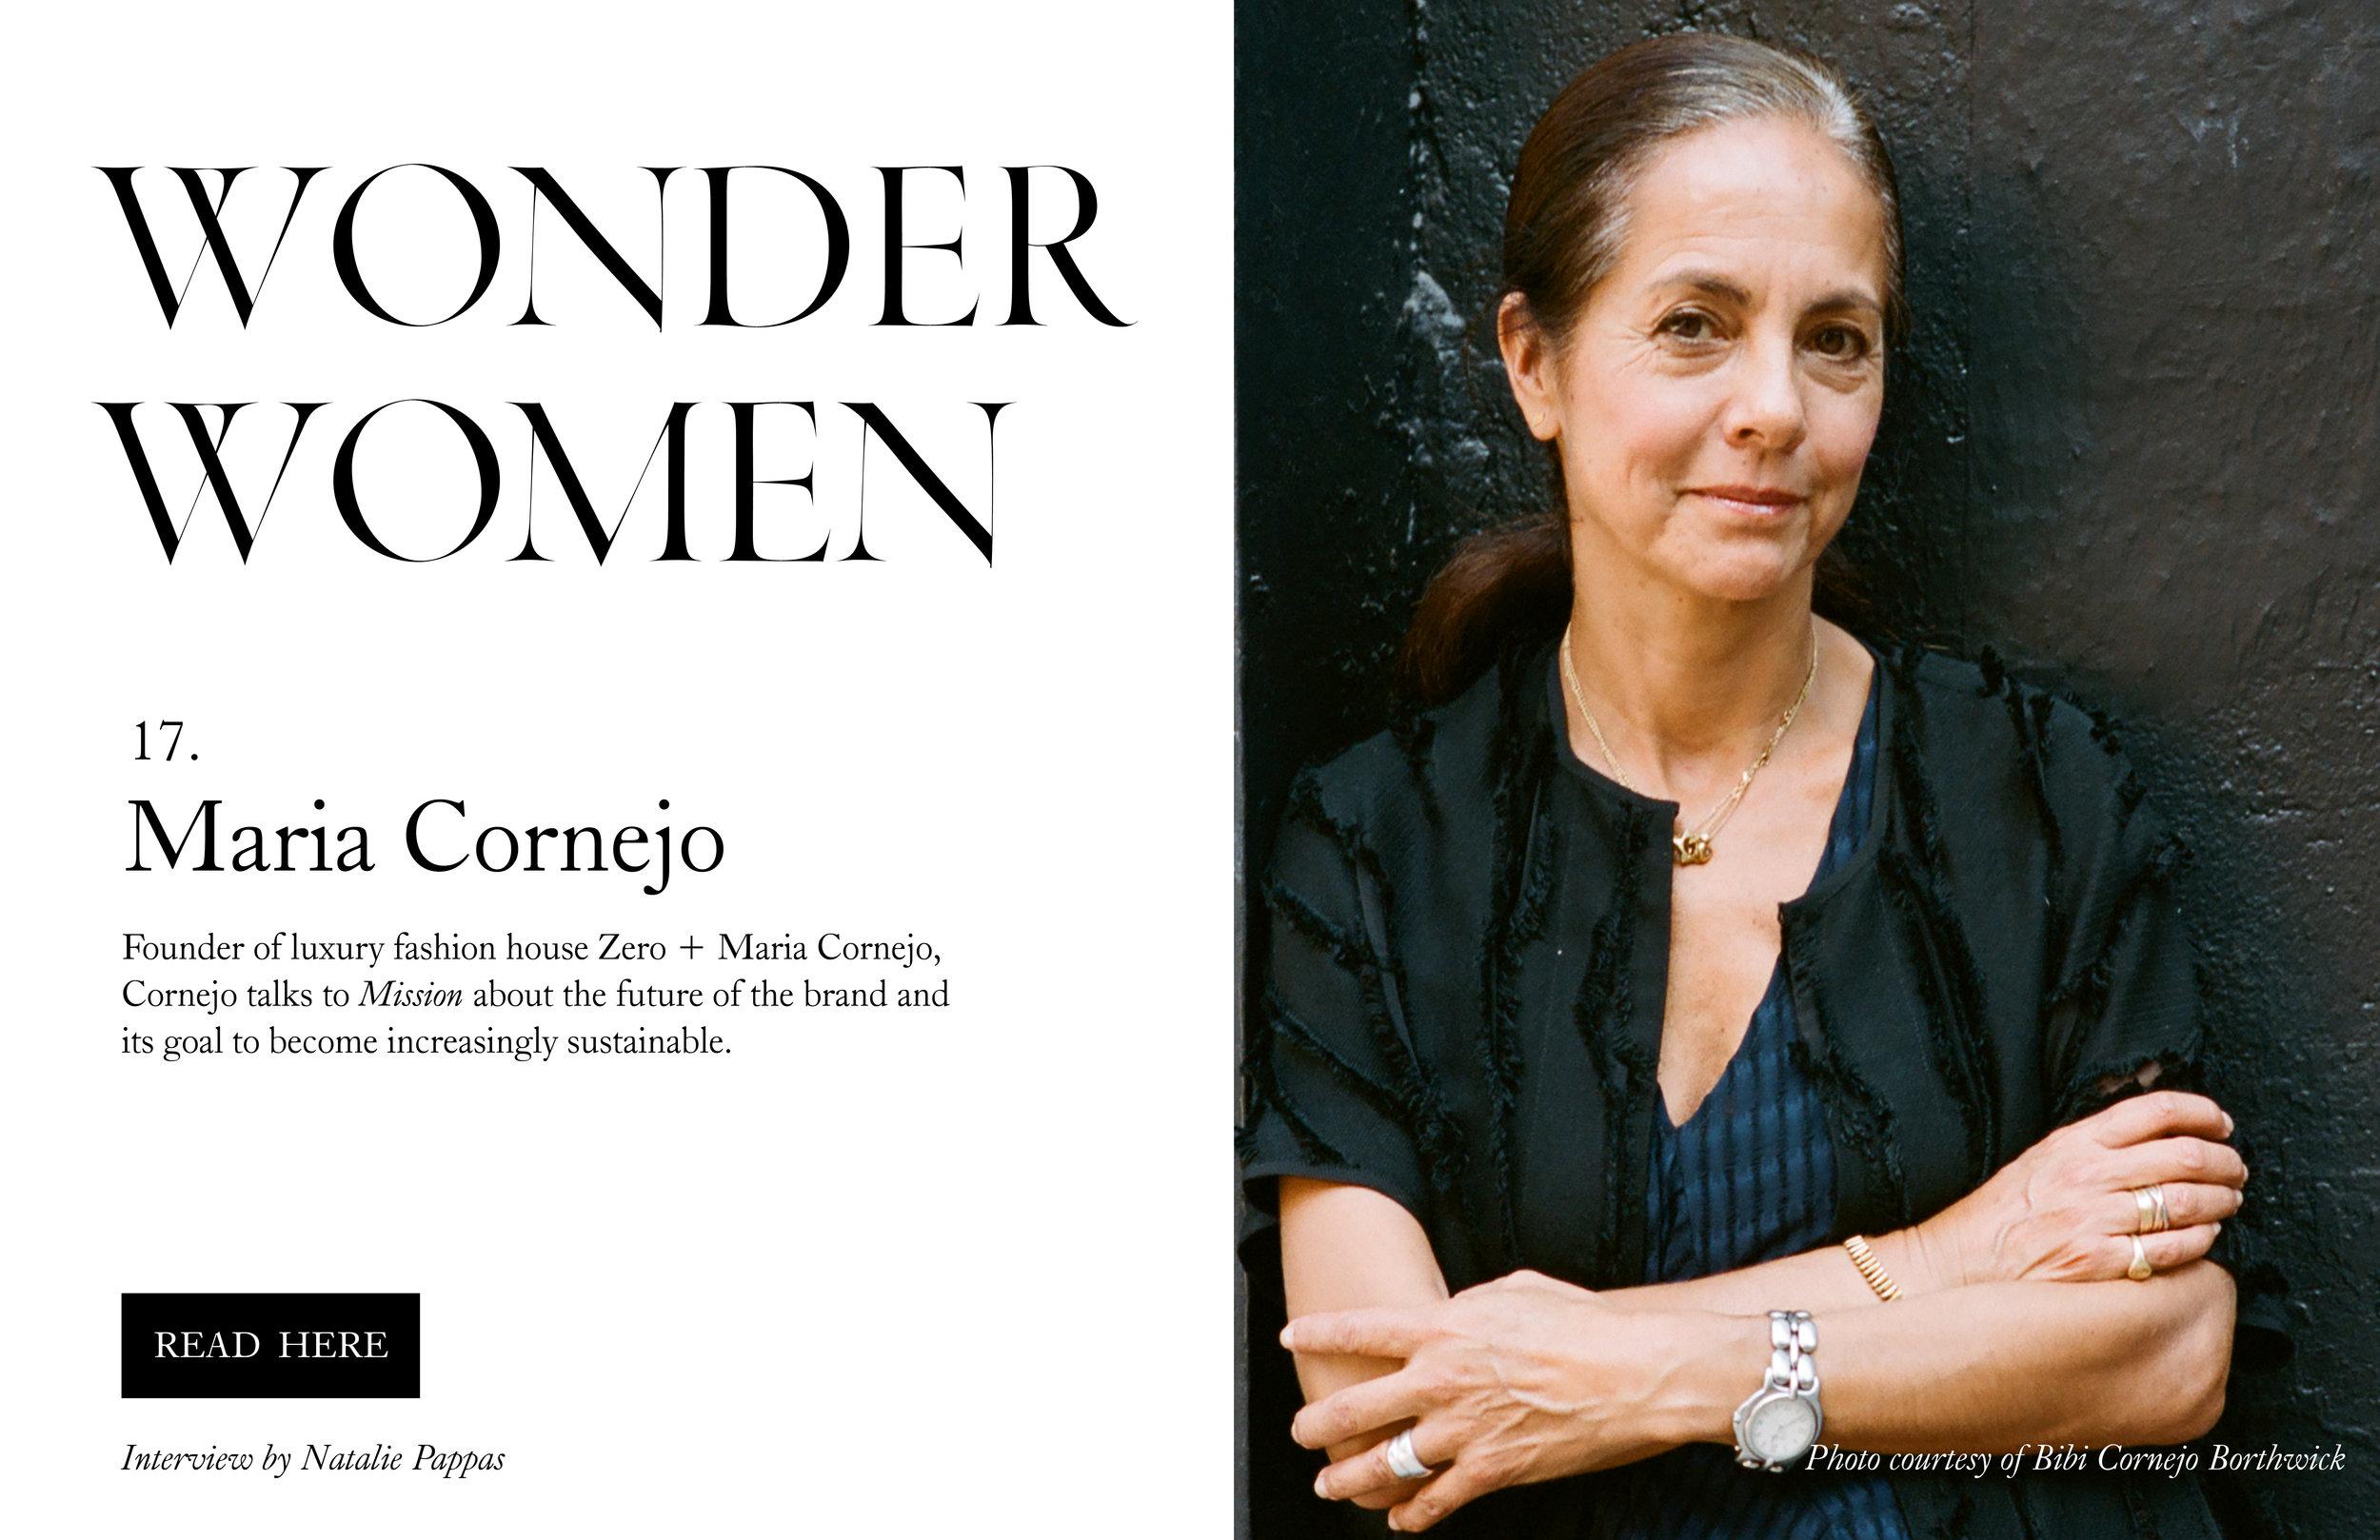 WW_Maria-Cornejo.jpg